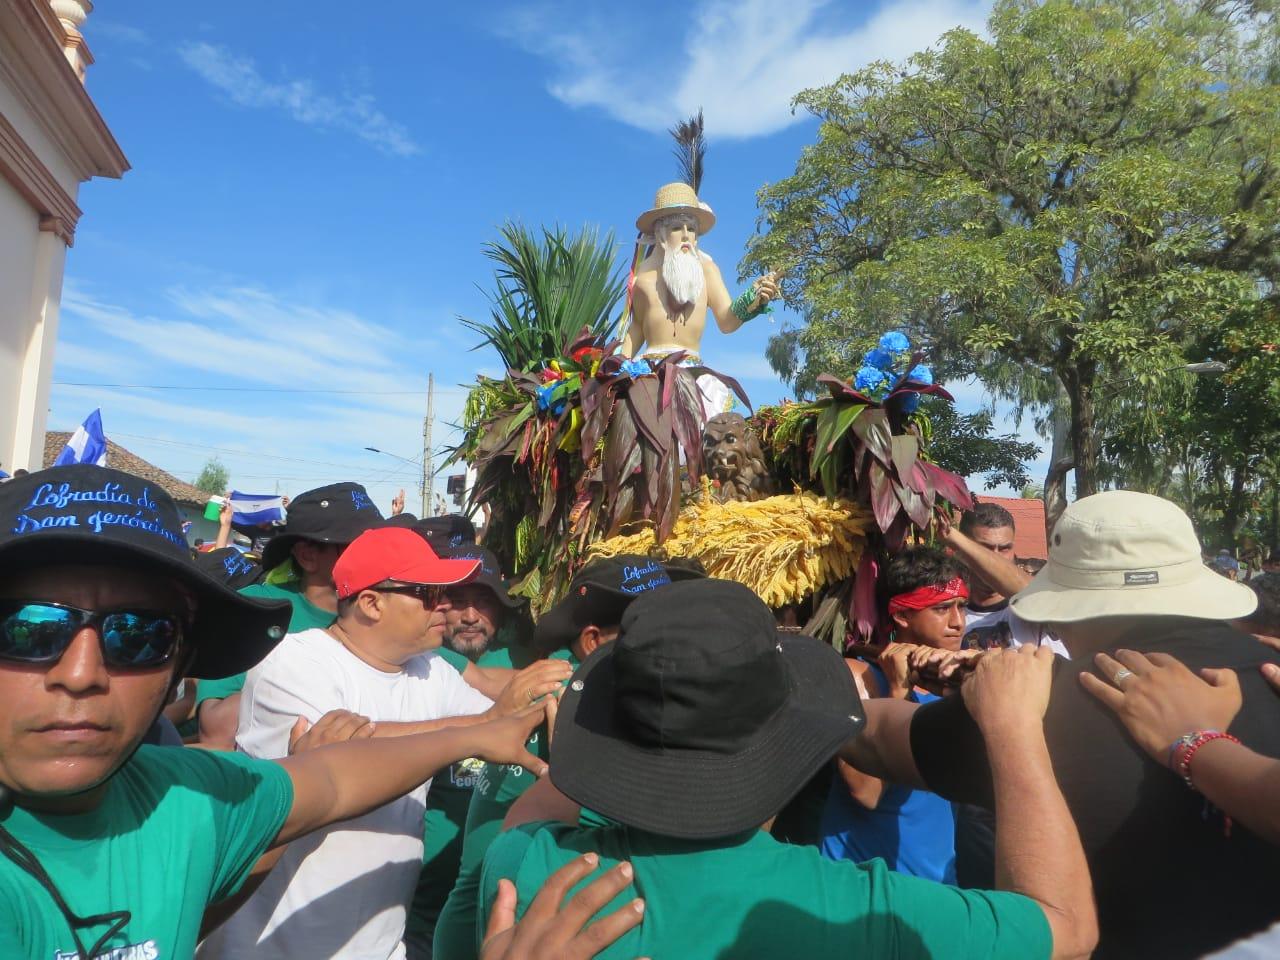 Imagen de San Jerónimo no será expuesta en el atrio, para evitar aglomeraciones. Foto: N. Miranda / Artículo 66